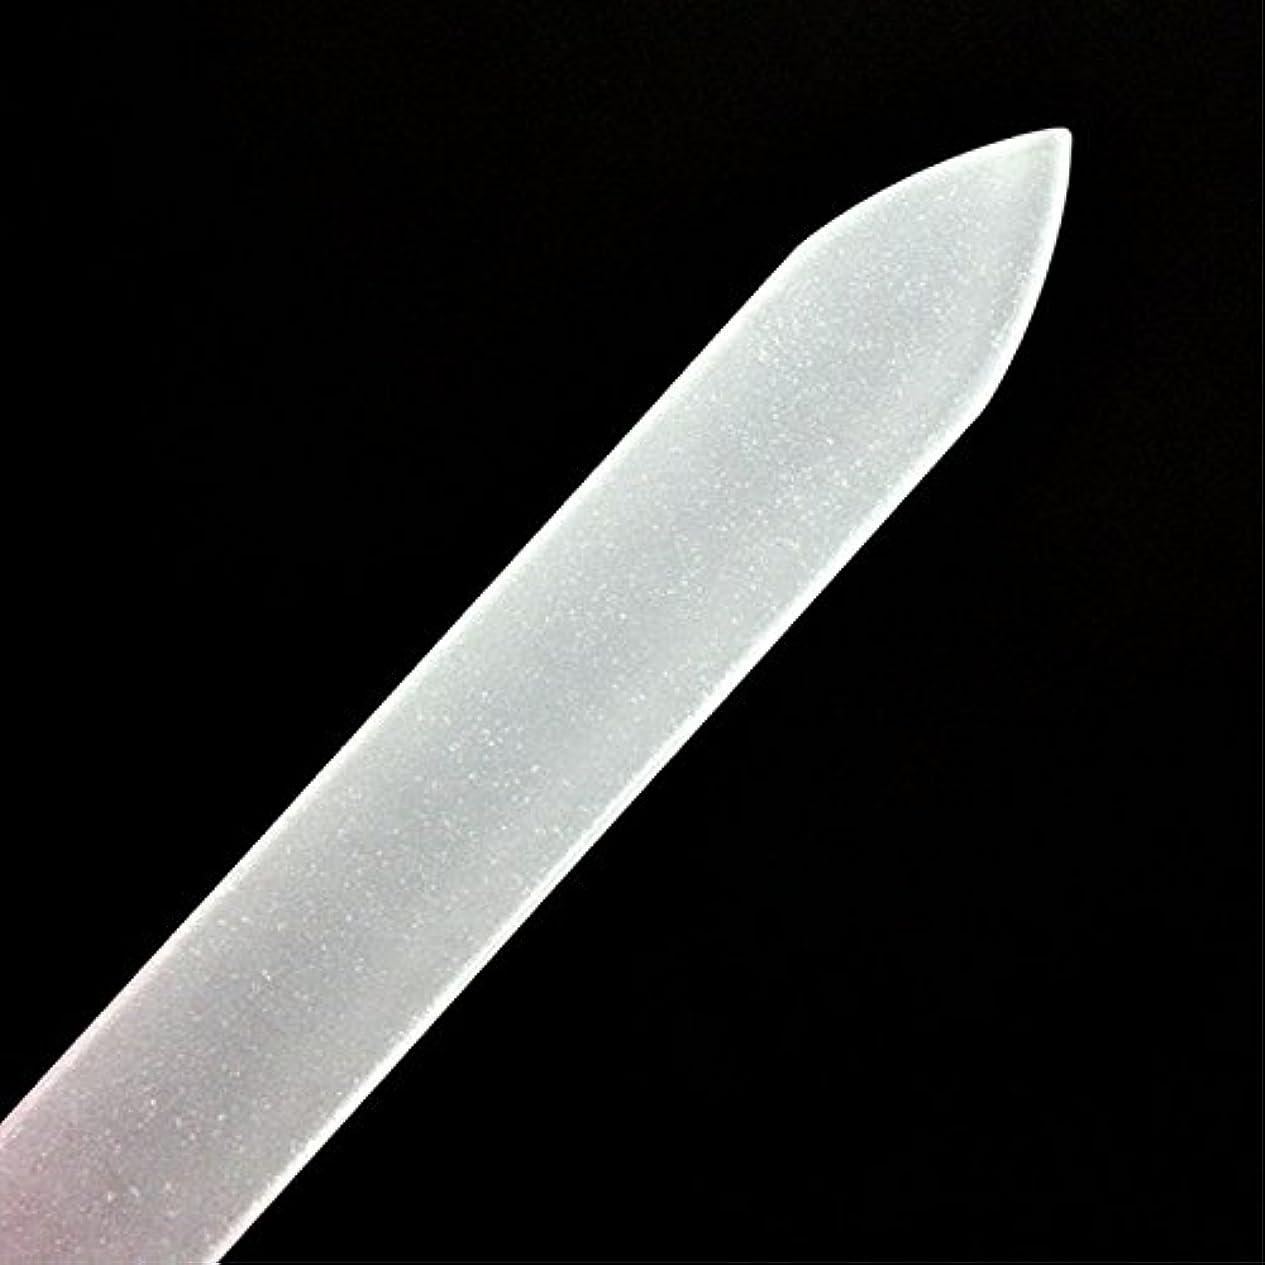 時折ウール休日爪磨き つめみがき ネイルケア 爪やすり 用品ガラス製爪ヤスリ ガラス製 ケース付 つめやすり甘皮 ケア